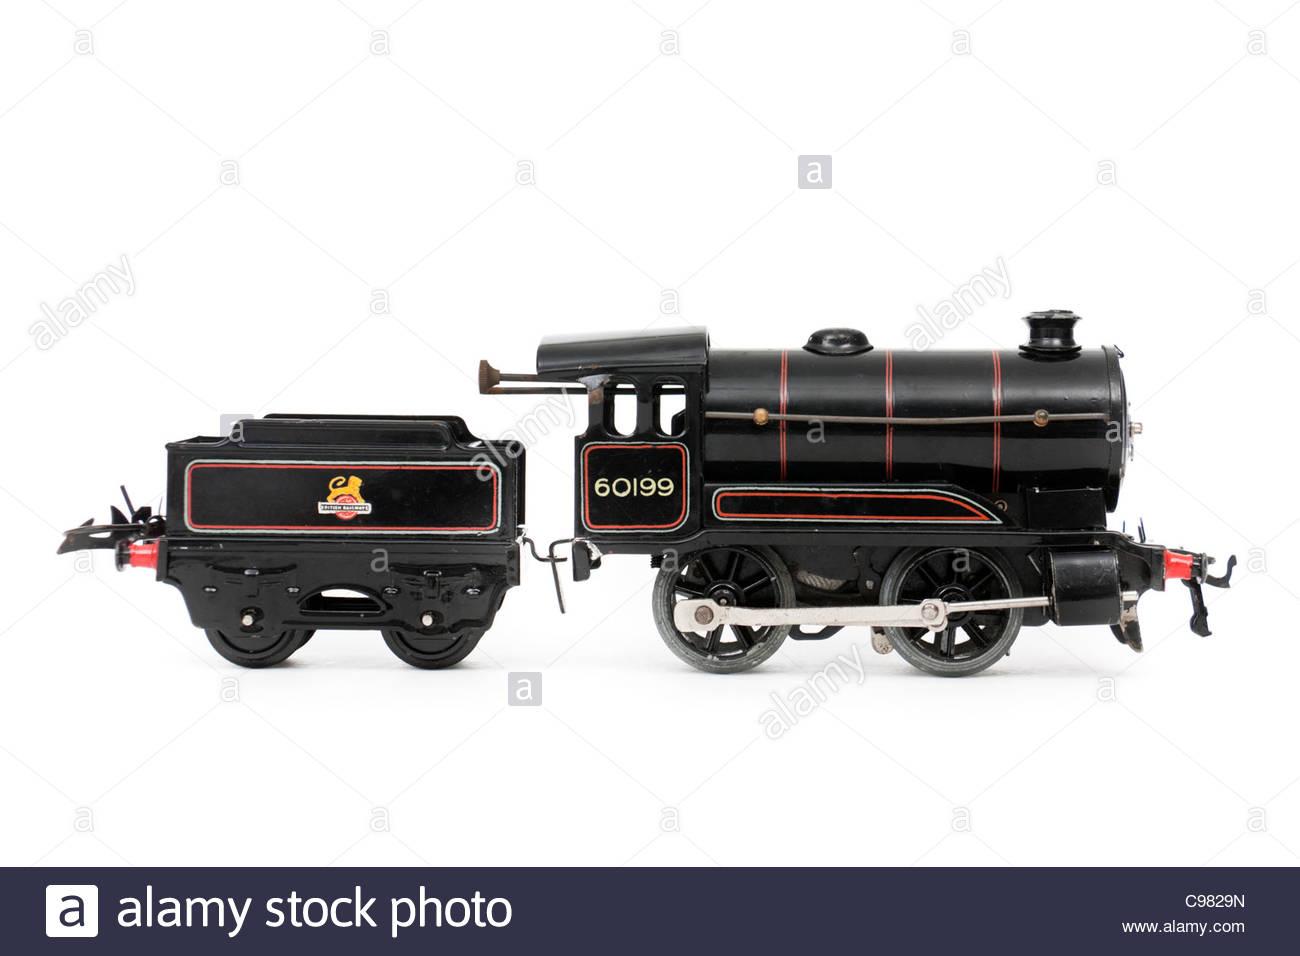 Vintage Hornby O-gauge clockwork locomotive and tender (from Goods Set No 50) - Stock Image